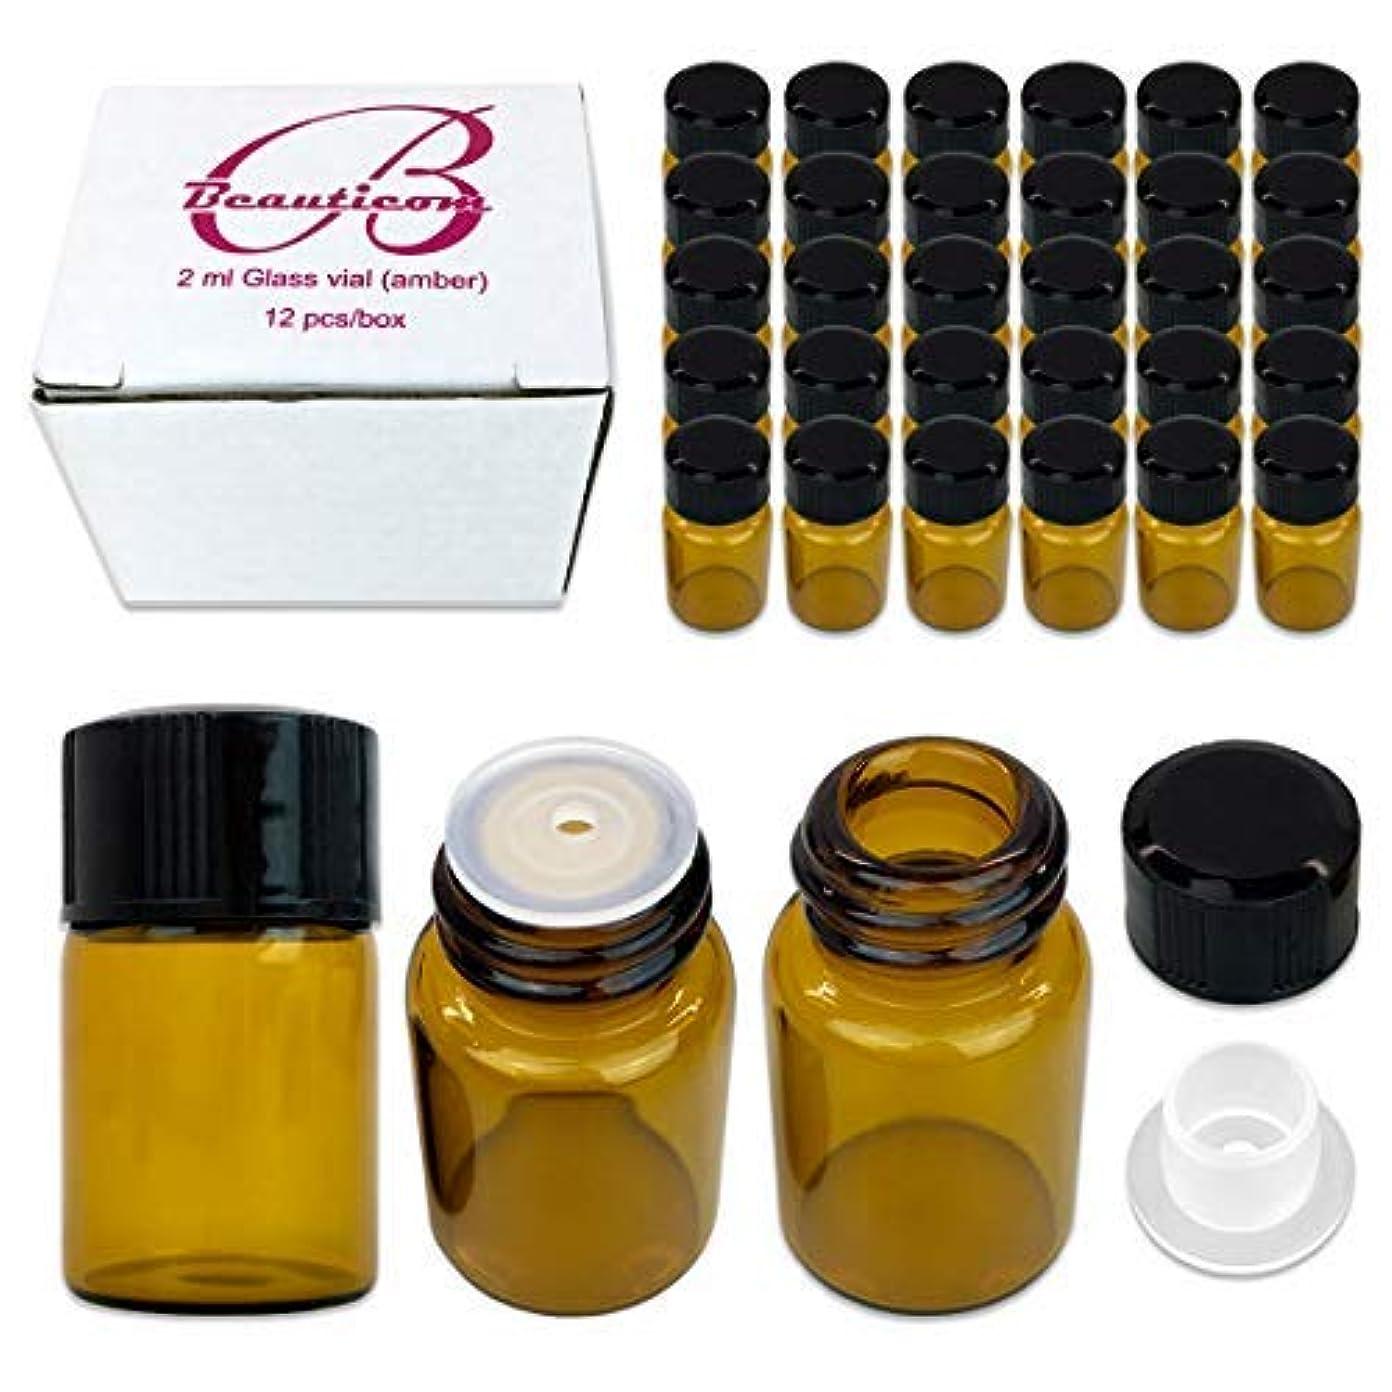 シリアル装備する階48 Packs Beauticom 2ML Amber Glass Vial for Essential Oils, Aromatherapy, Fragrance, Serums, Spritzes, with Orifice...